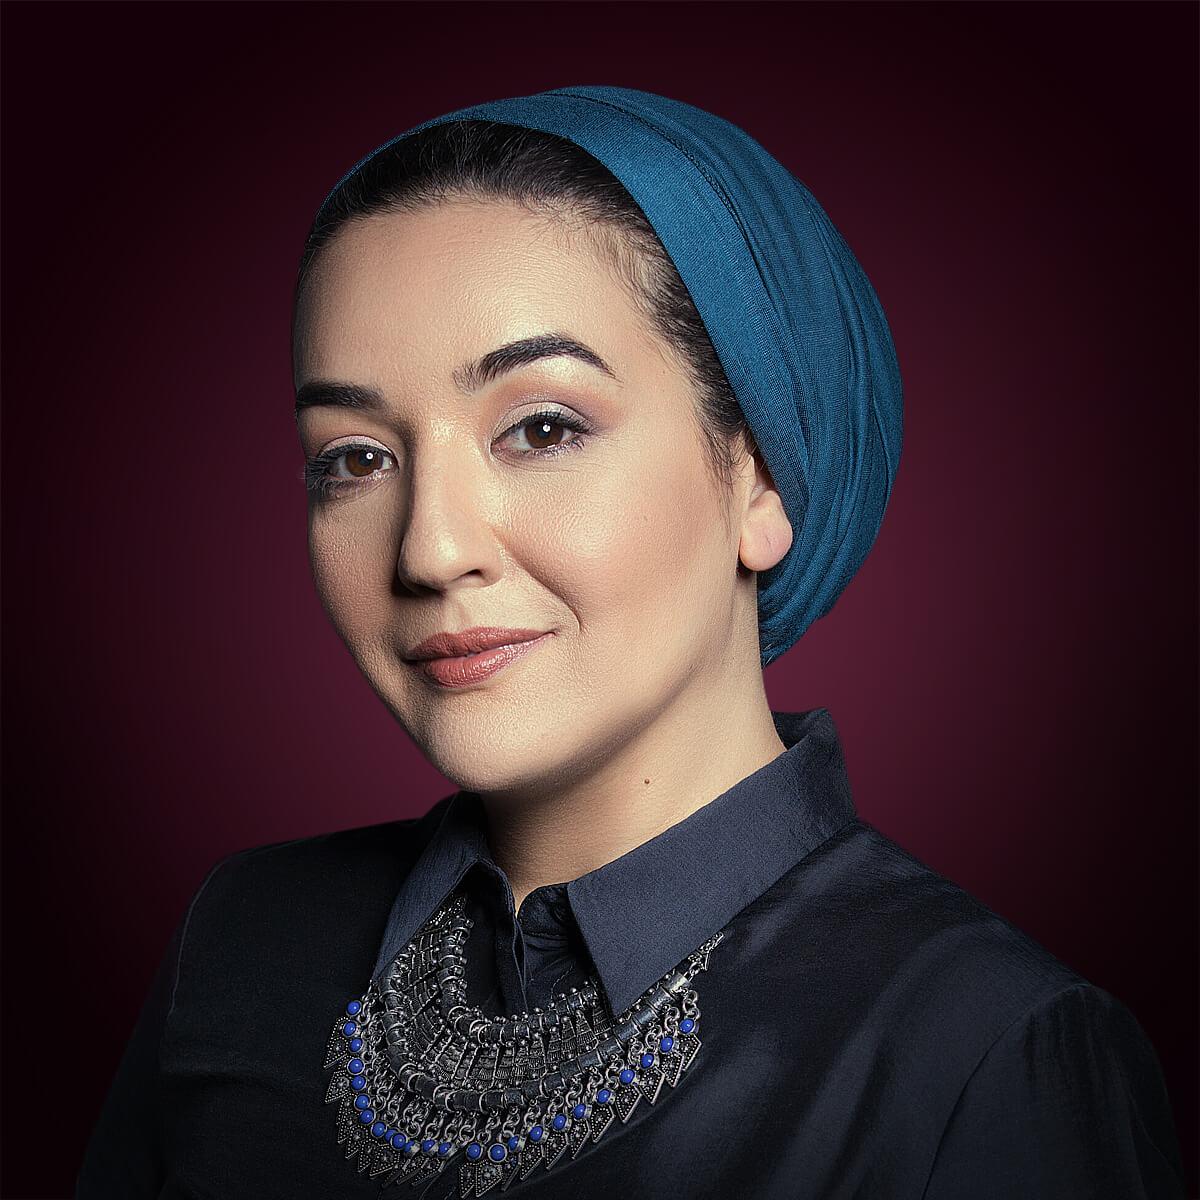 Mouna Abbassy